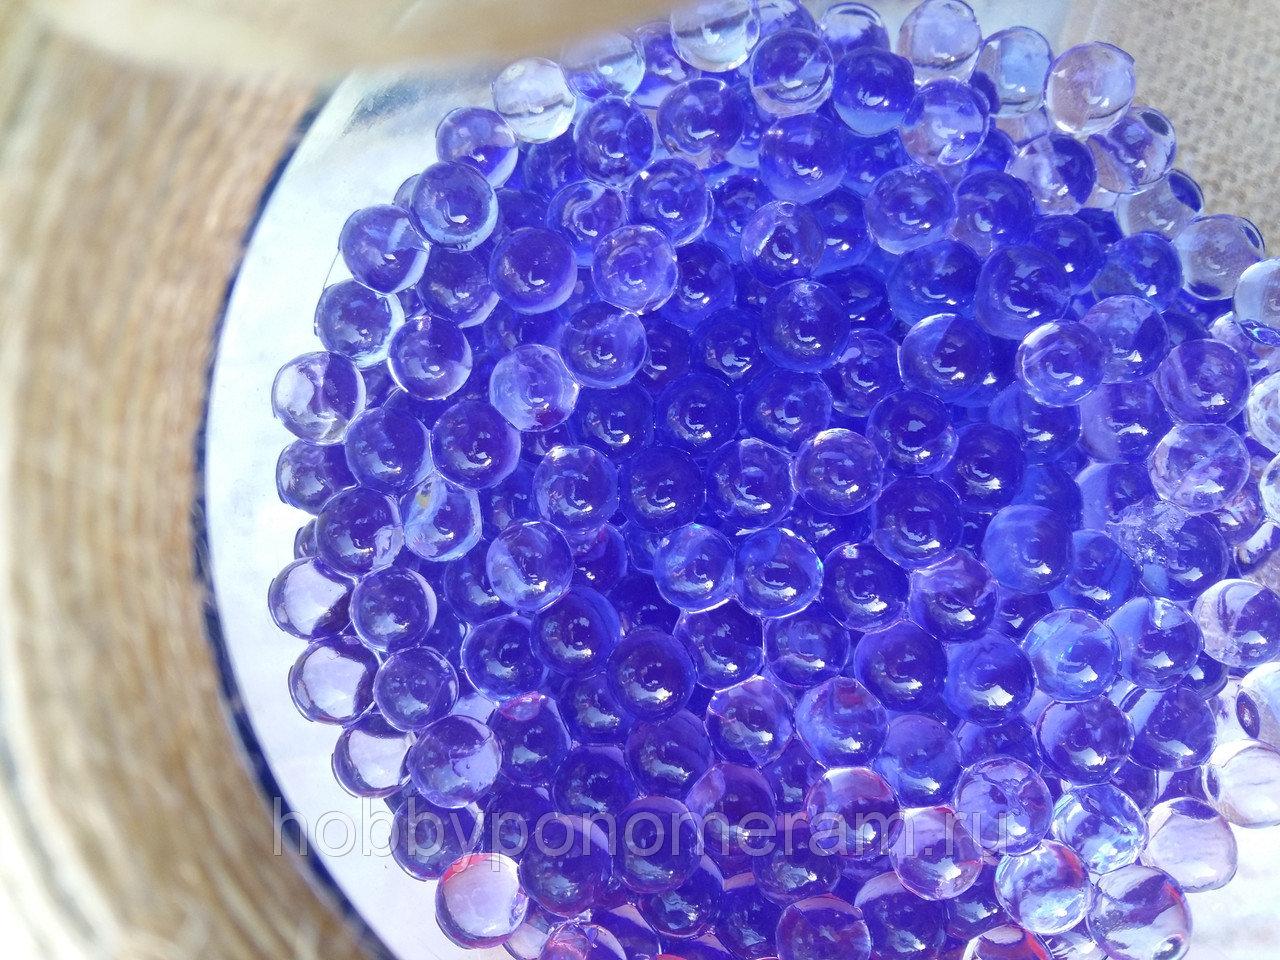 Орбиз цветные шарики растущие в воде 10g фиолетовый